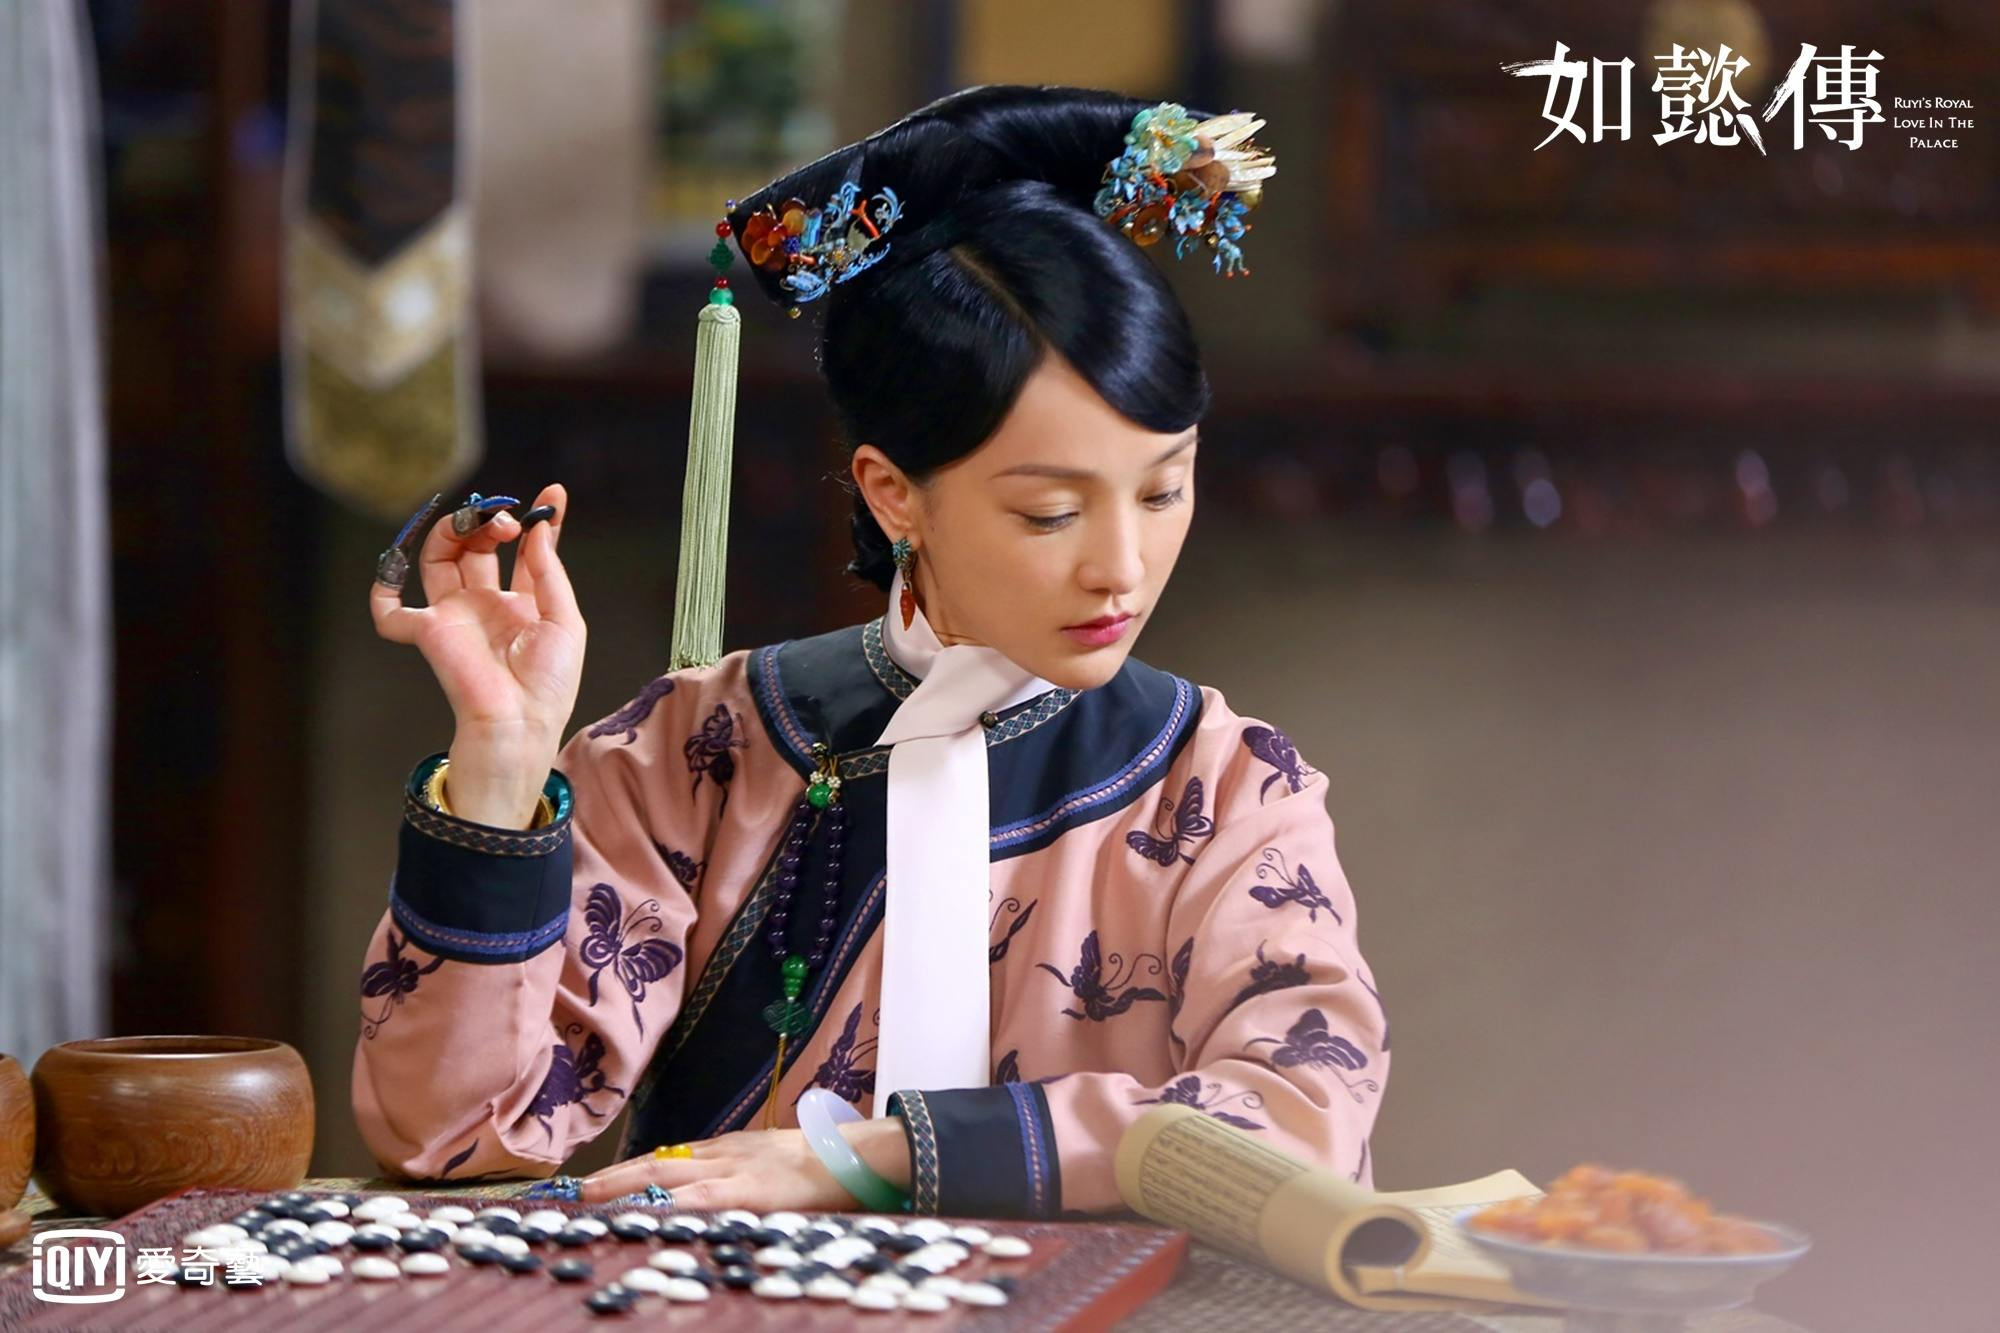 先來說說女主角周迅,很明顯的,雖然身為位階頗高的妃子,簡樸的周迅衣著甚至比貴人都還來得單調、簡單,而在妝容上也是。